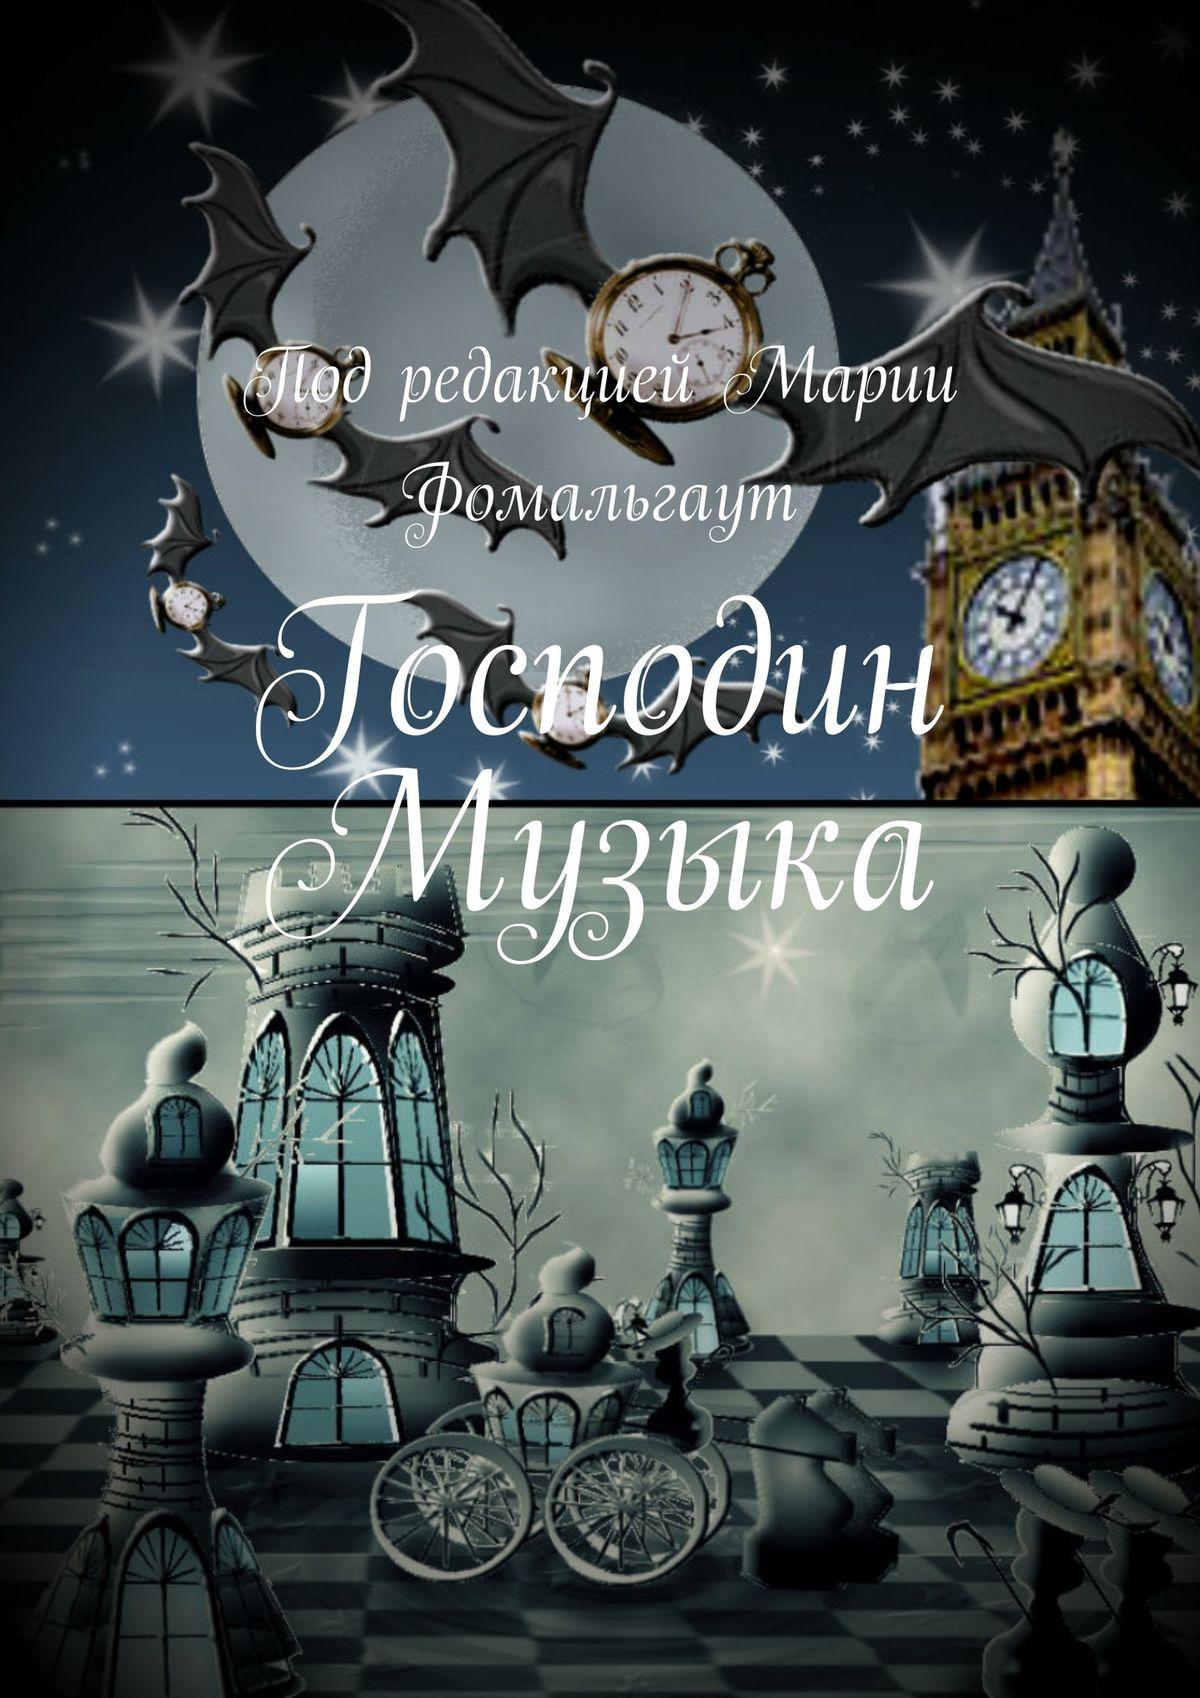 цена на Ирина Ю. Станковская Господин Музыка